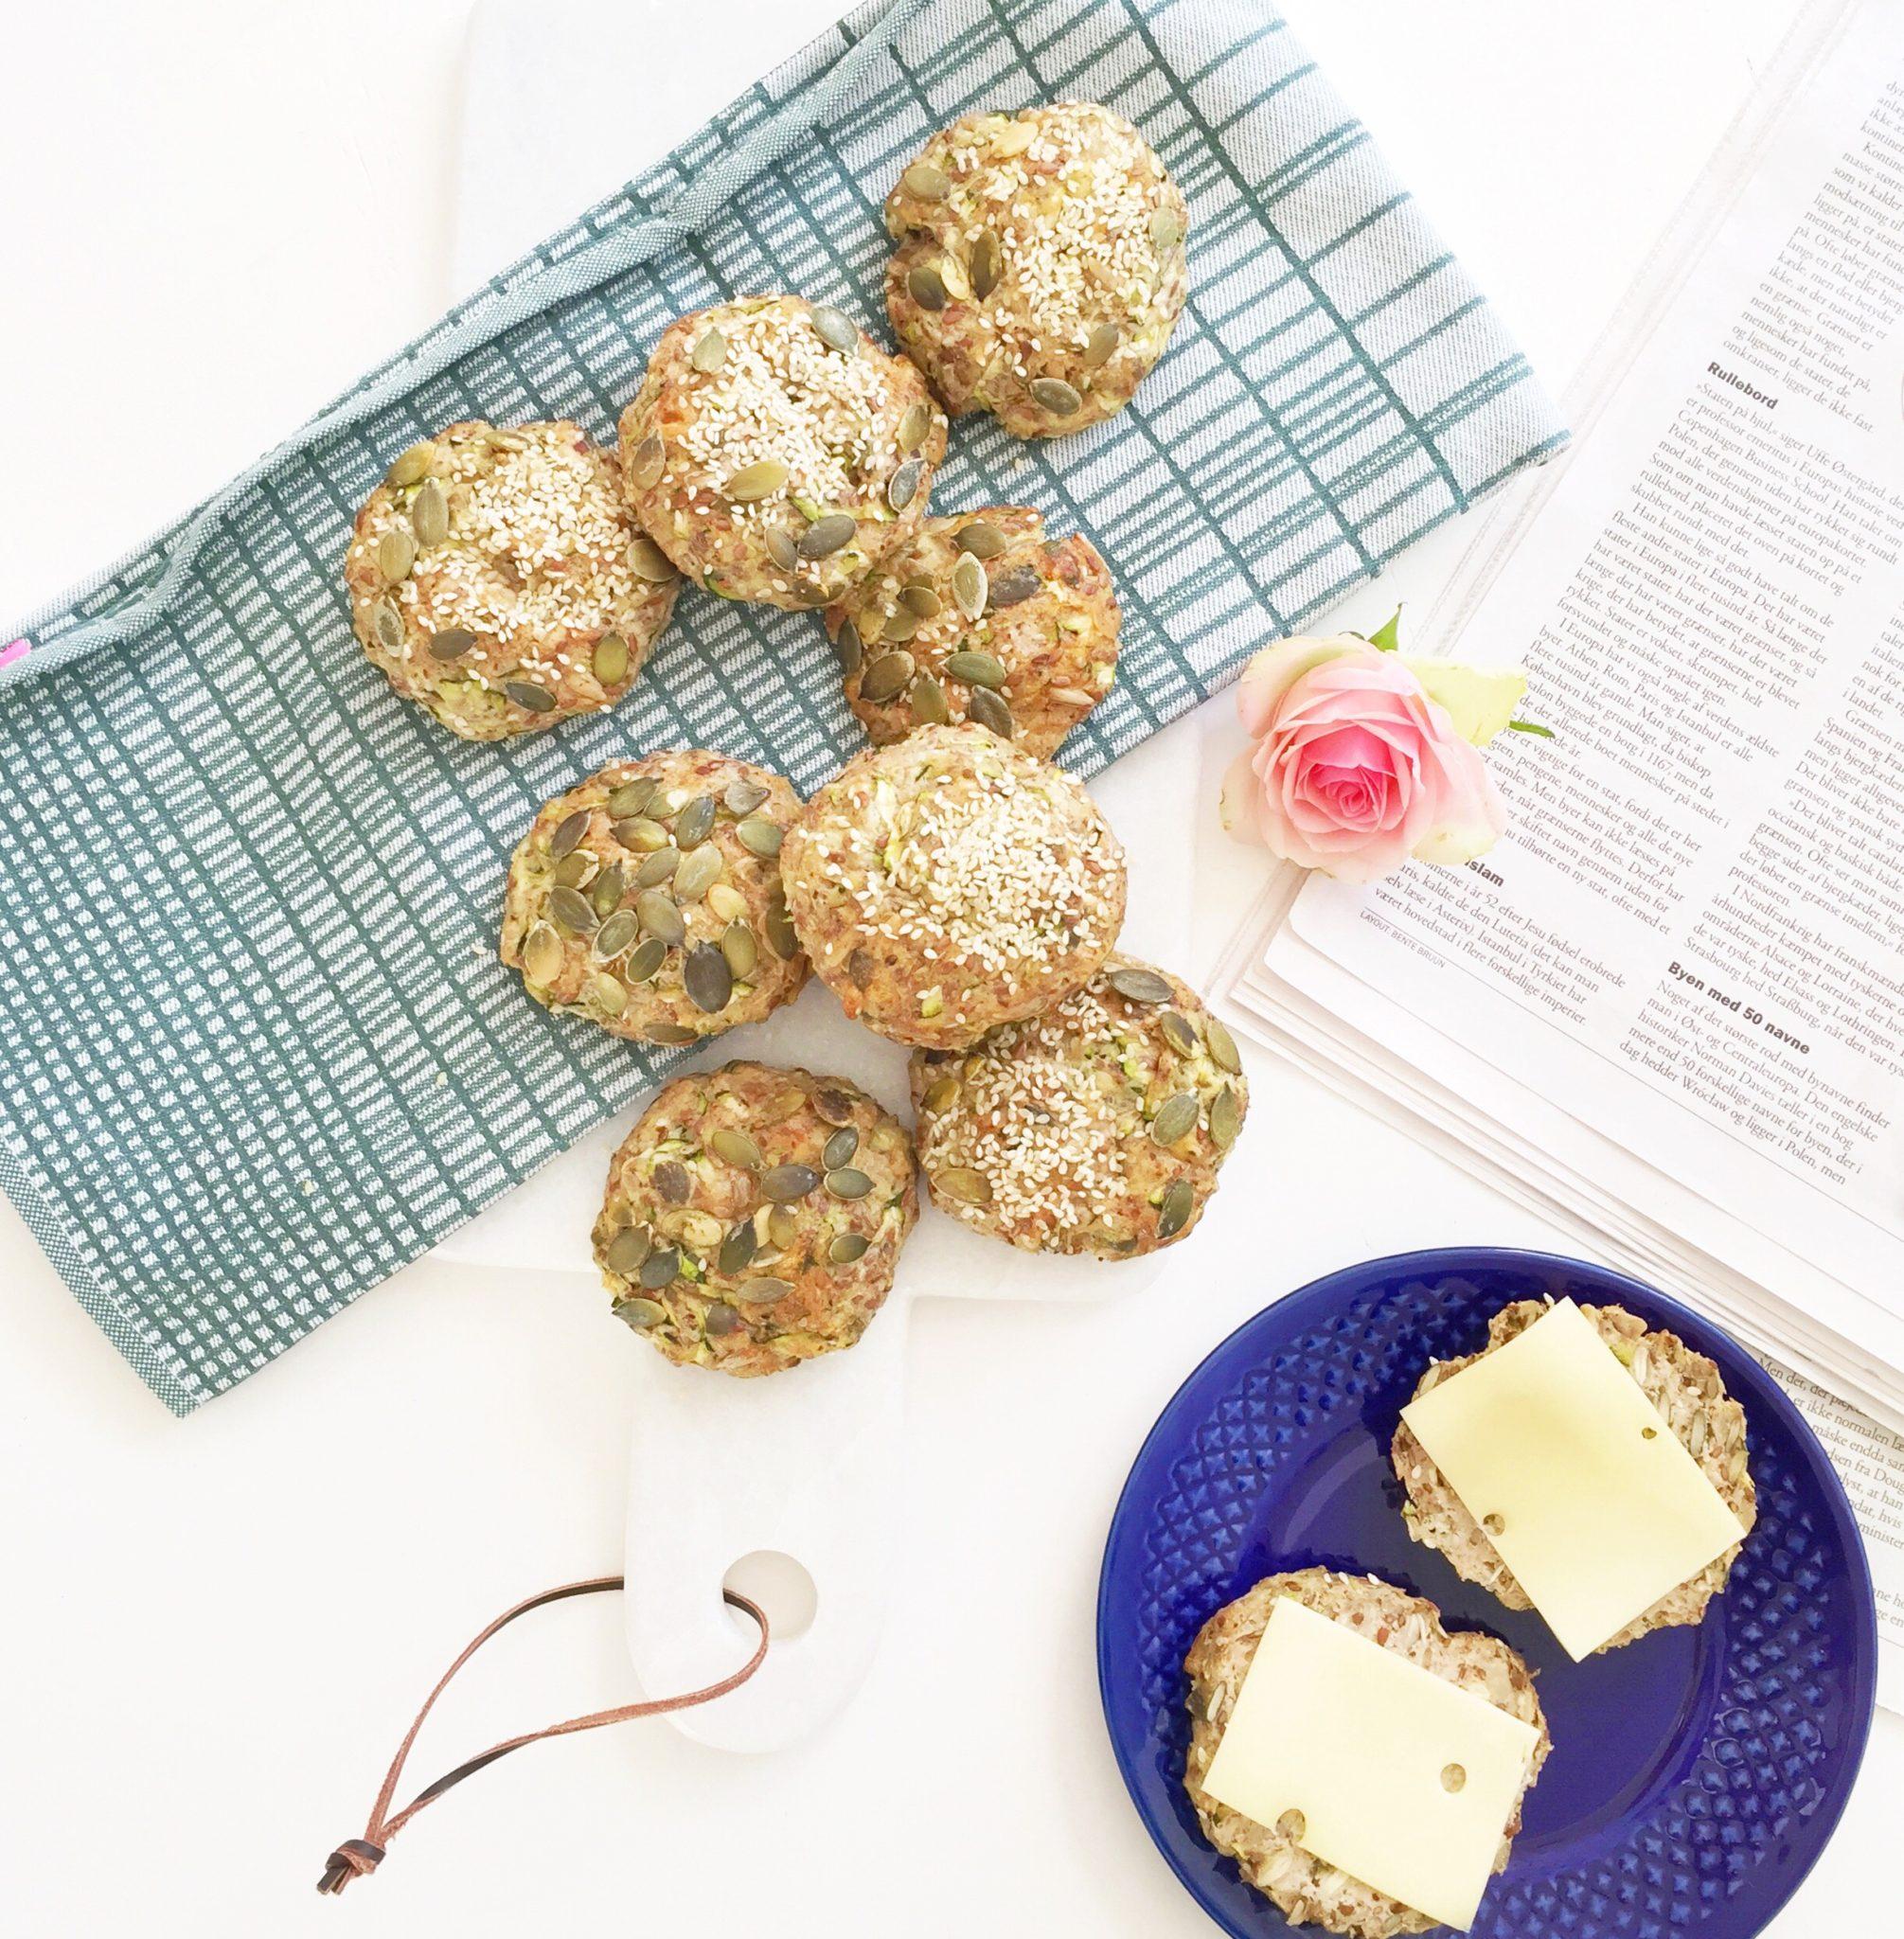 Boller med squash sammen med avis og viskestykke. Blå tallerken fra genbrug og blomst